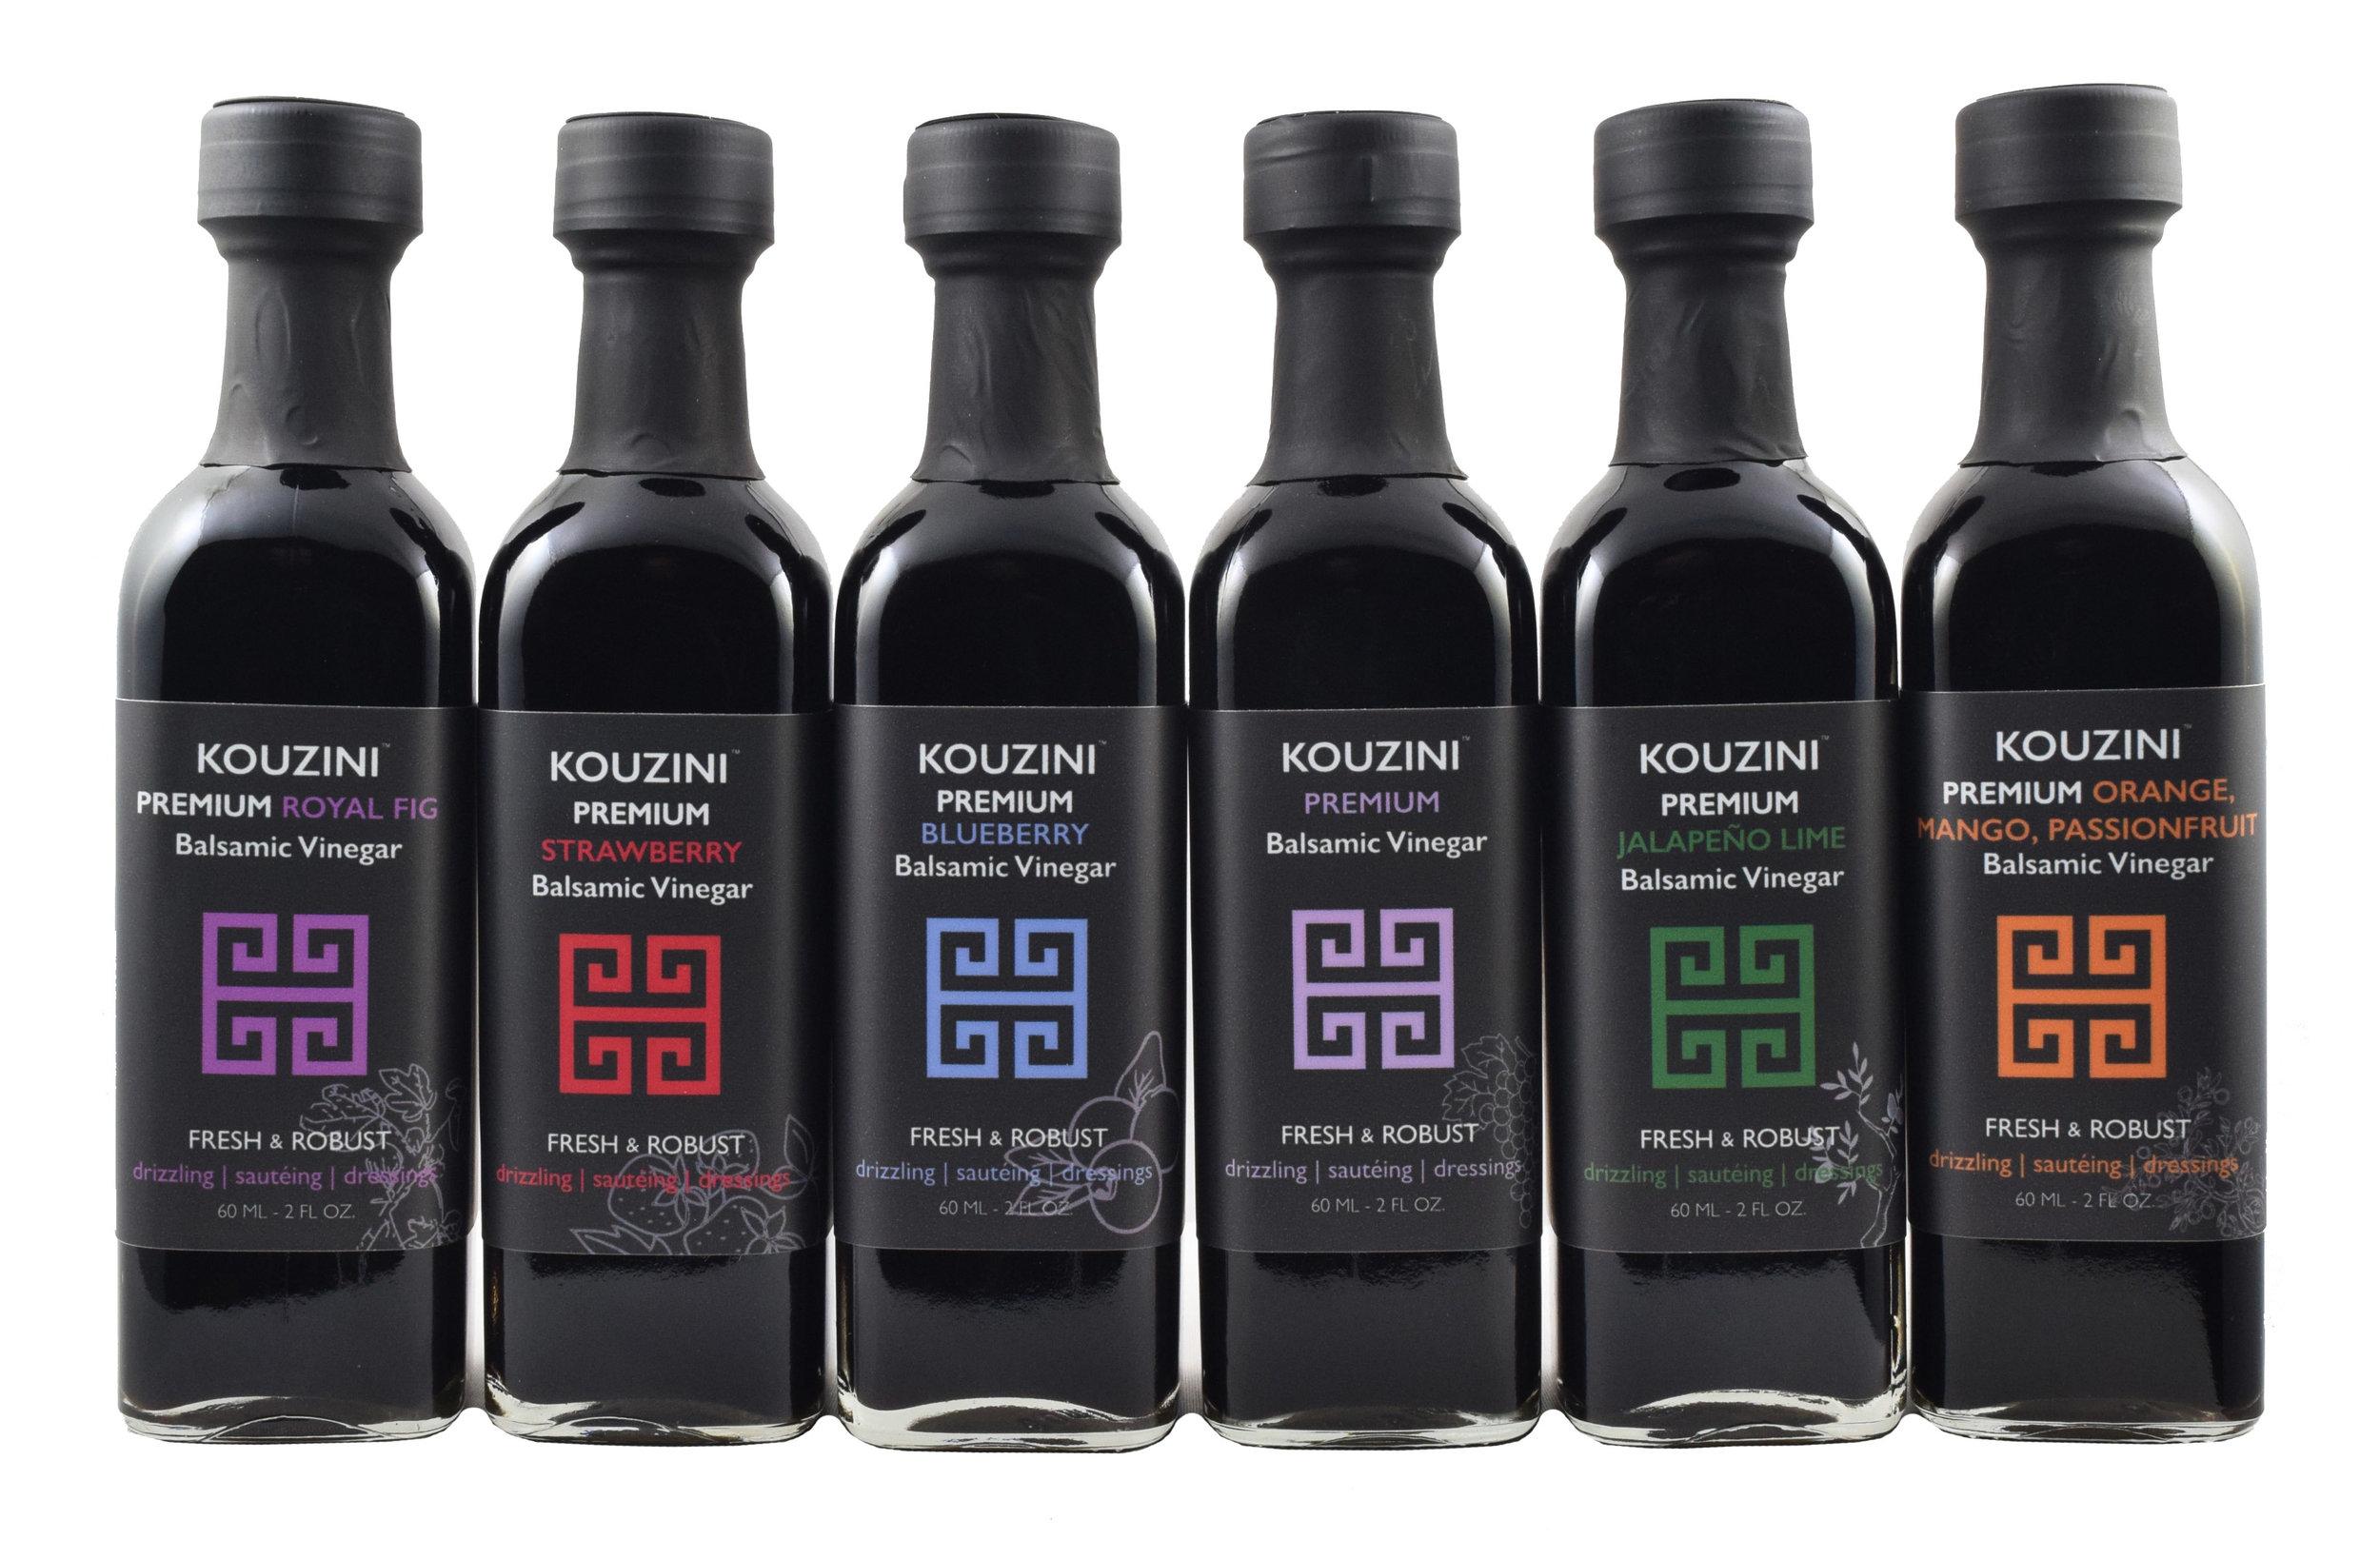 Balsamic Vinegar 6 pack .jpg